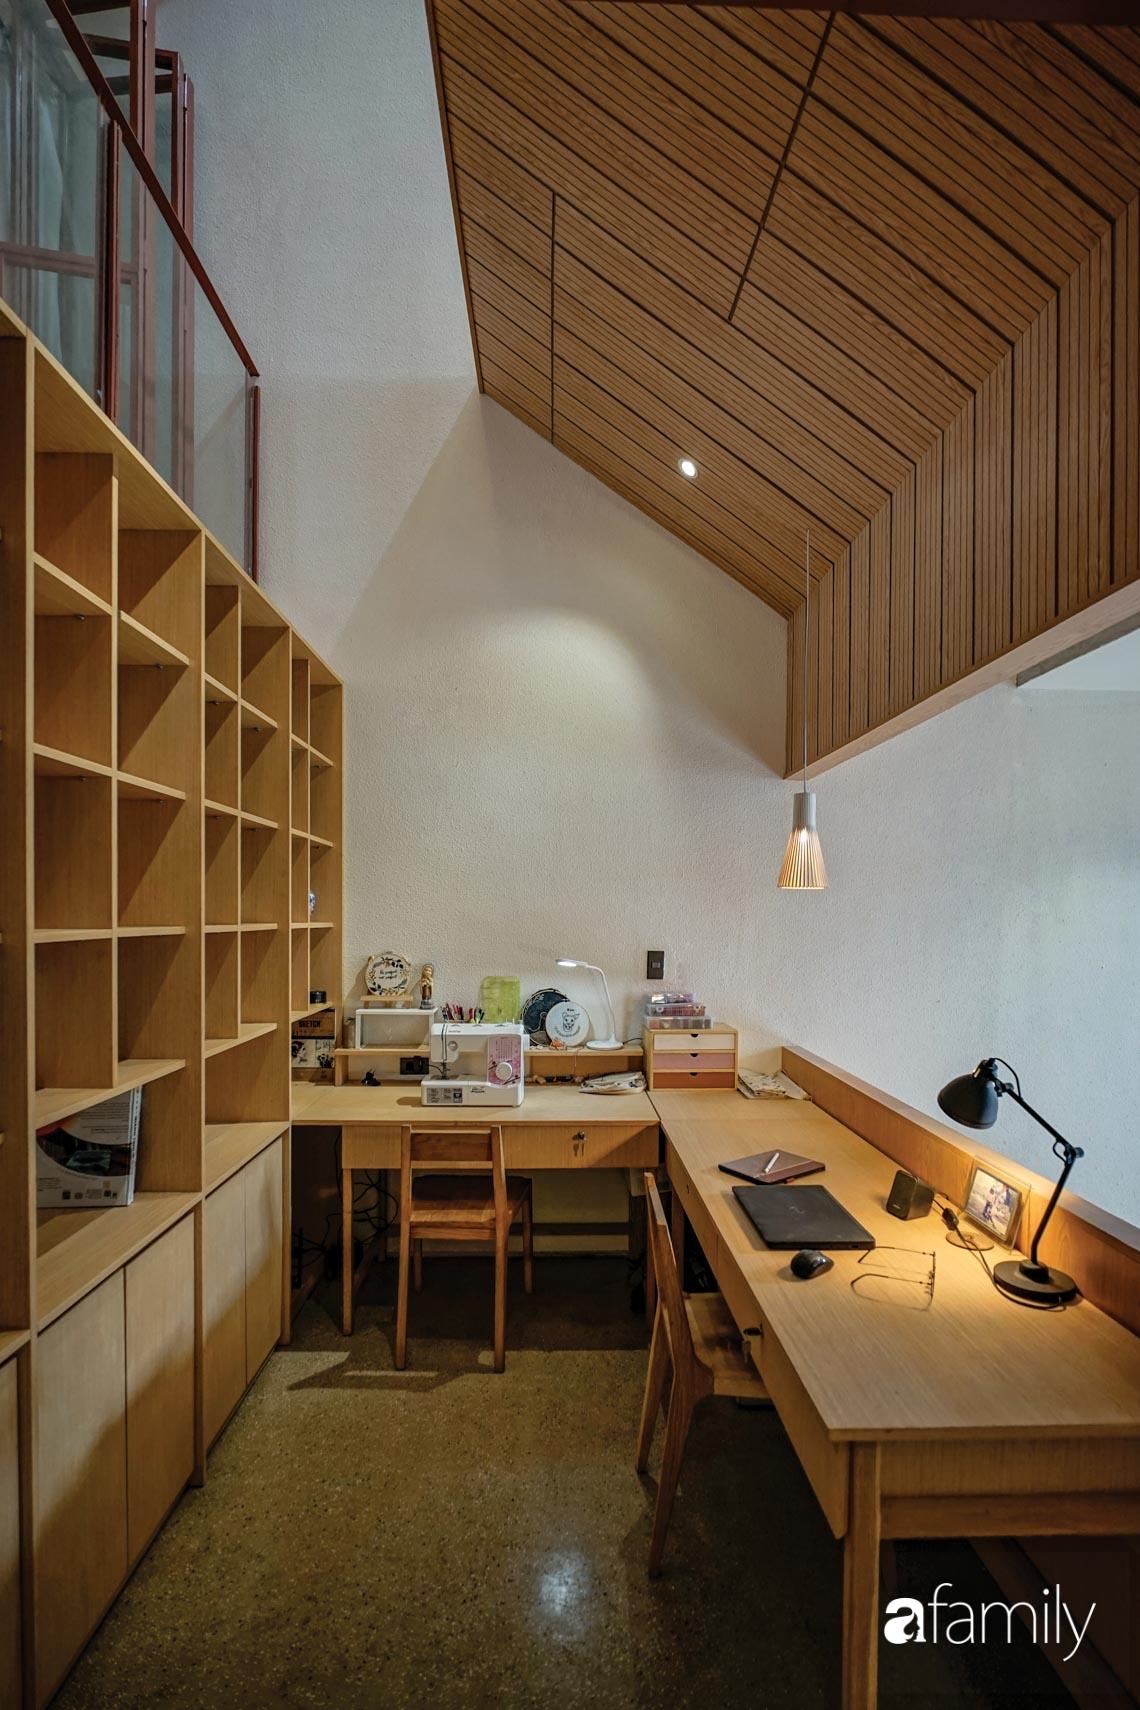 Ngôi nhà phố thiết kế khác biệt để mang đến những điều đặc biệt cho cuộc sống của gia đình trẻ ở TP HCM - Ảnh 11.